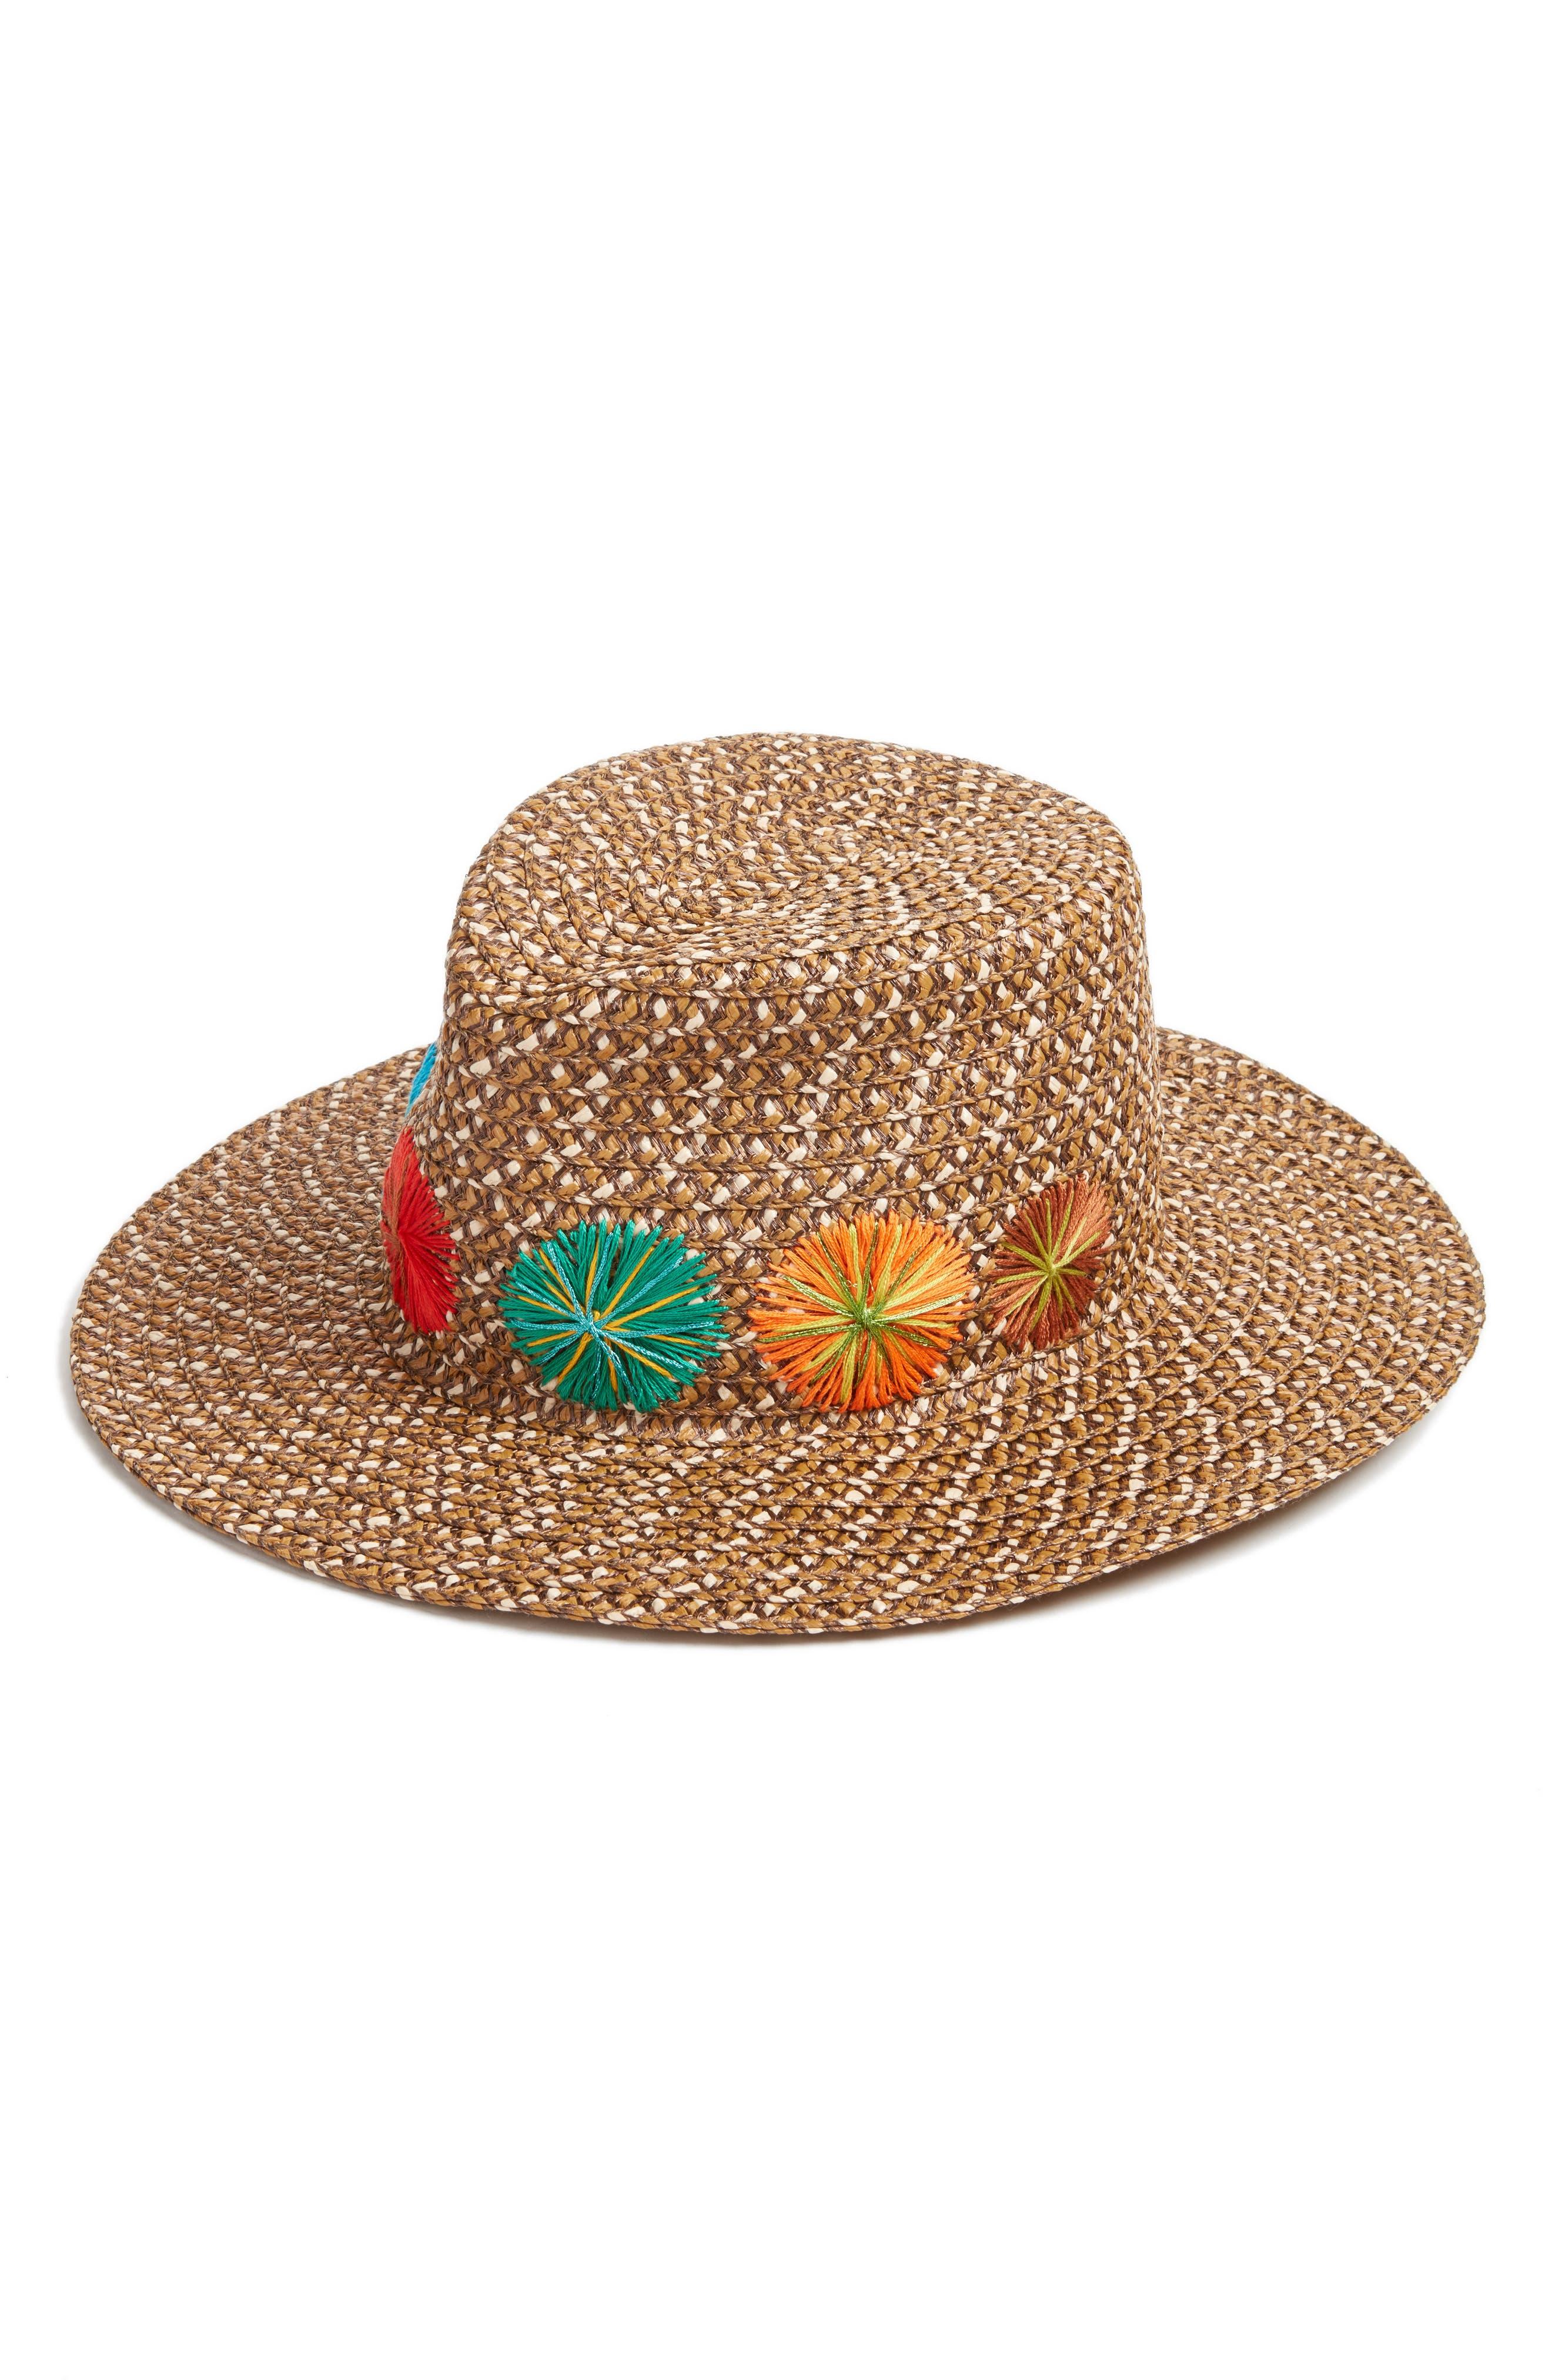 Main Image - Eric Javits Zanzibar Packable Squishee® Hat